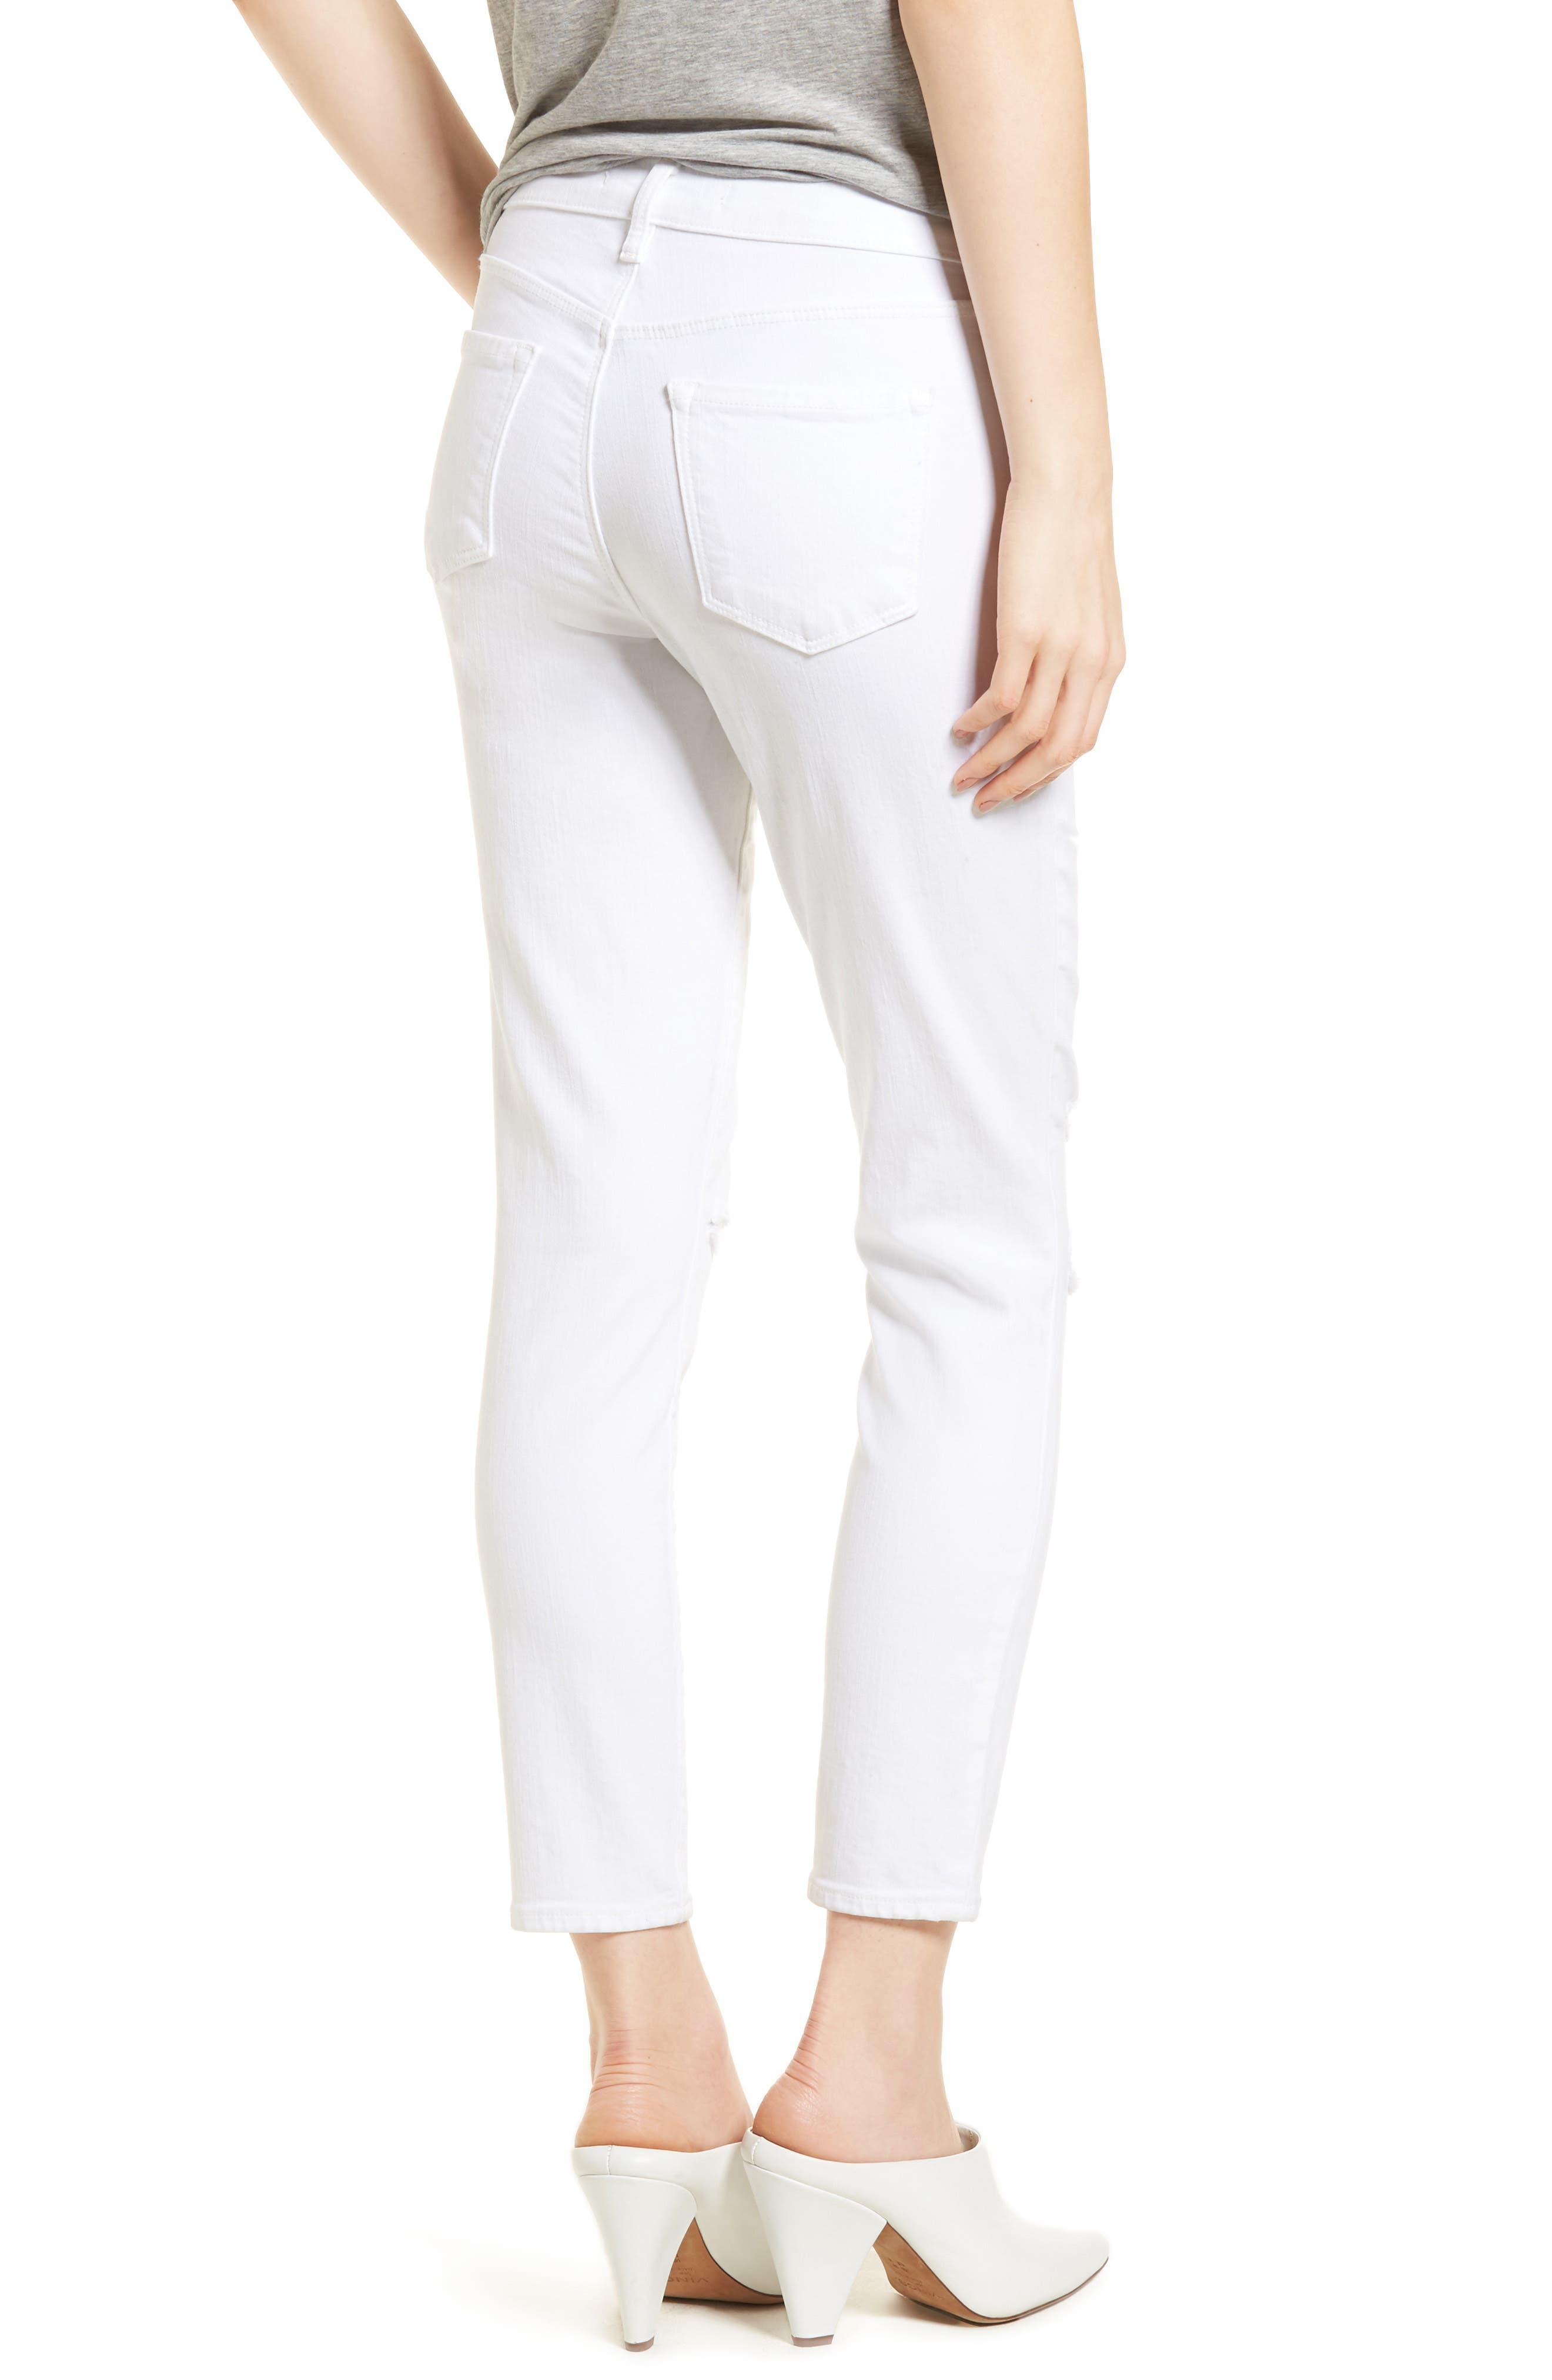 J BRAND, Mid-Rise Capri Skinny Jeans, Alternate thumbnail 2, color, 101